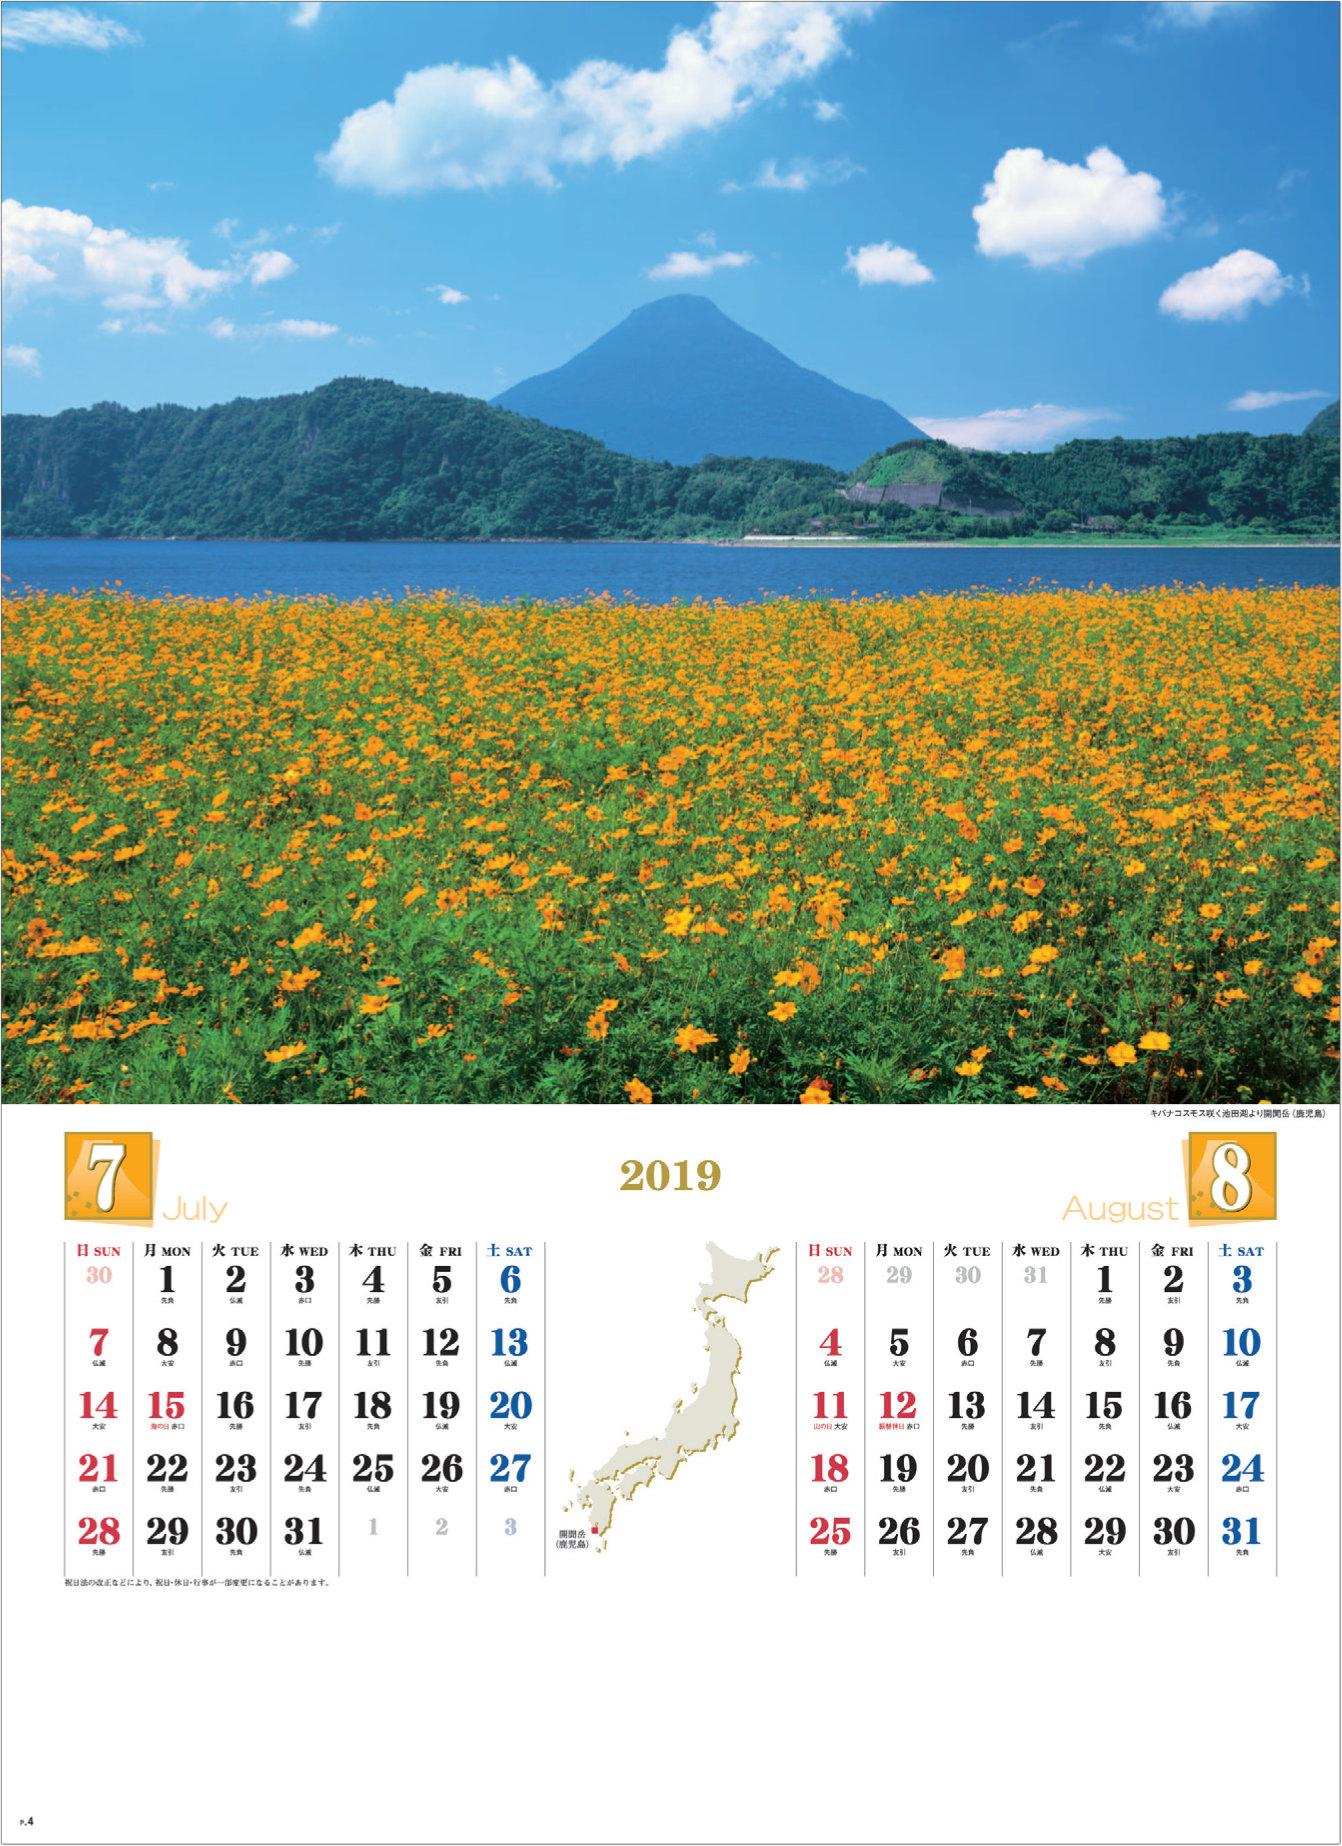 画像:鹿児島 池田湖の菜の花と開聞岳 四季彩峰 2019年カレンダー